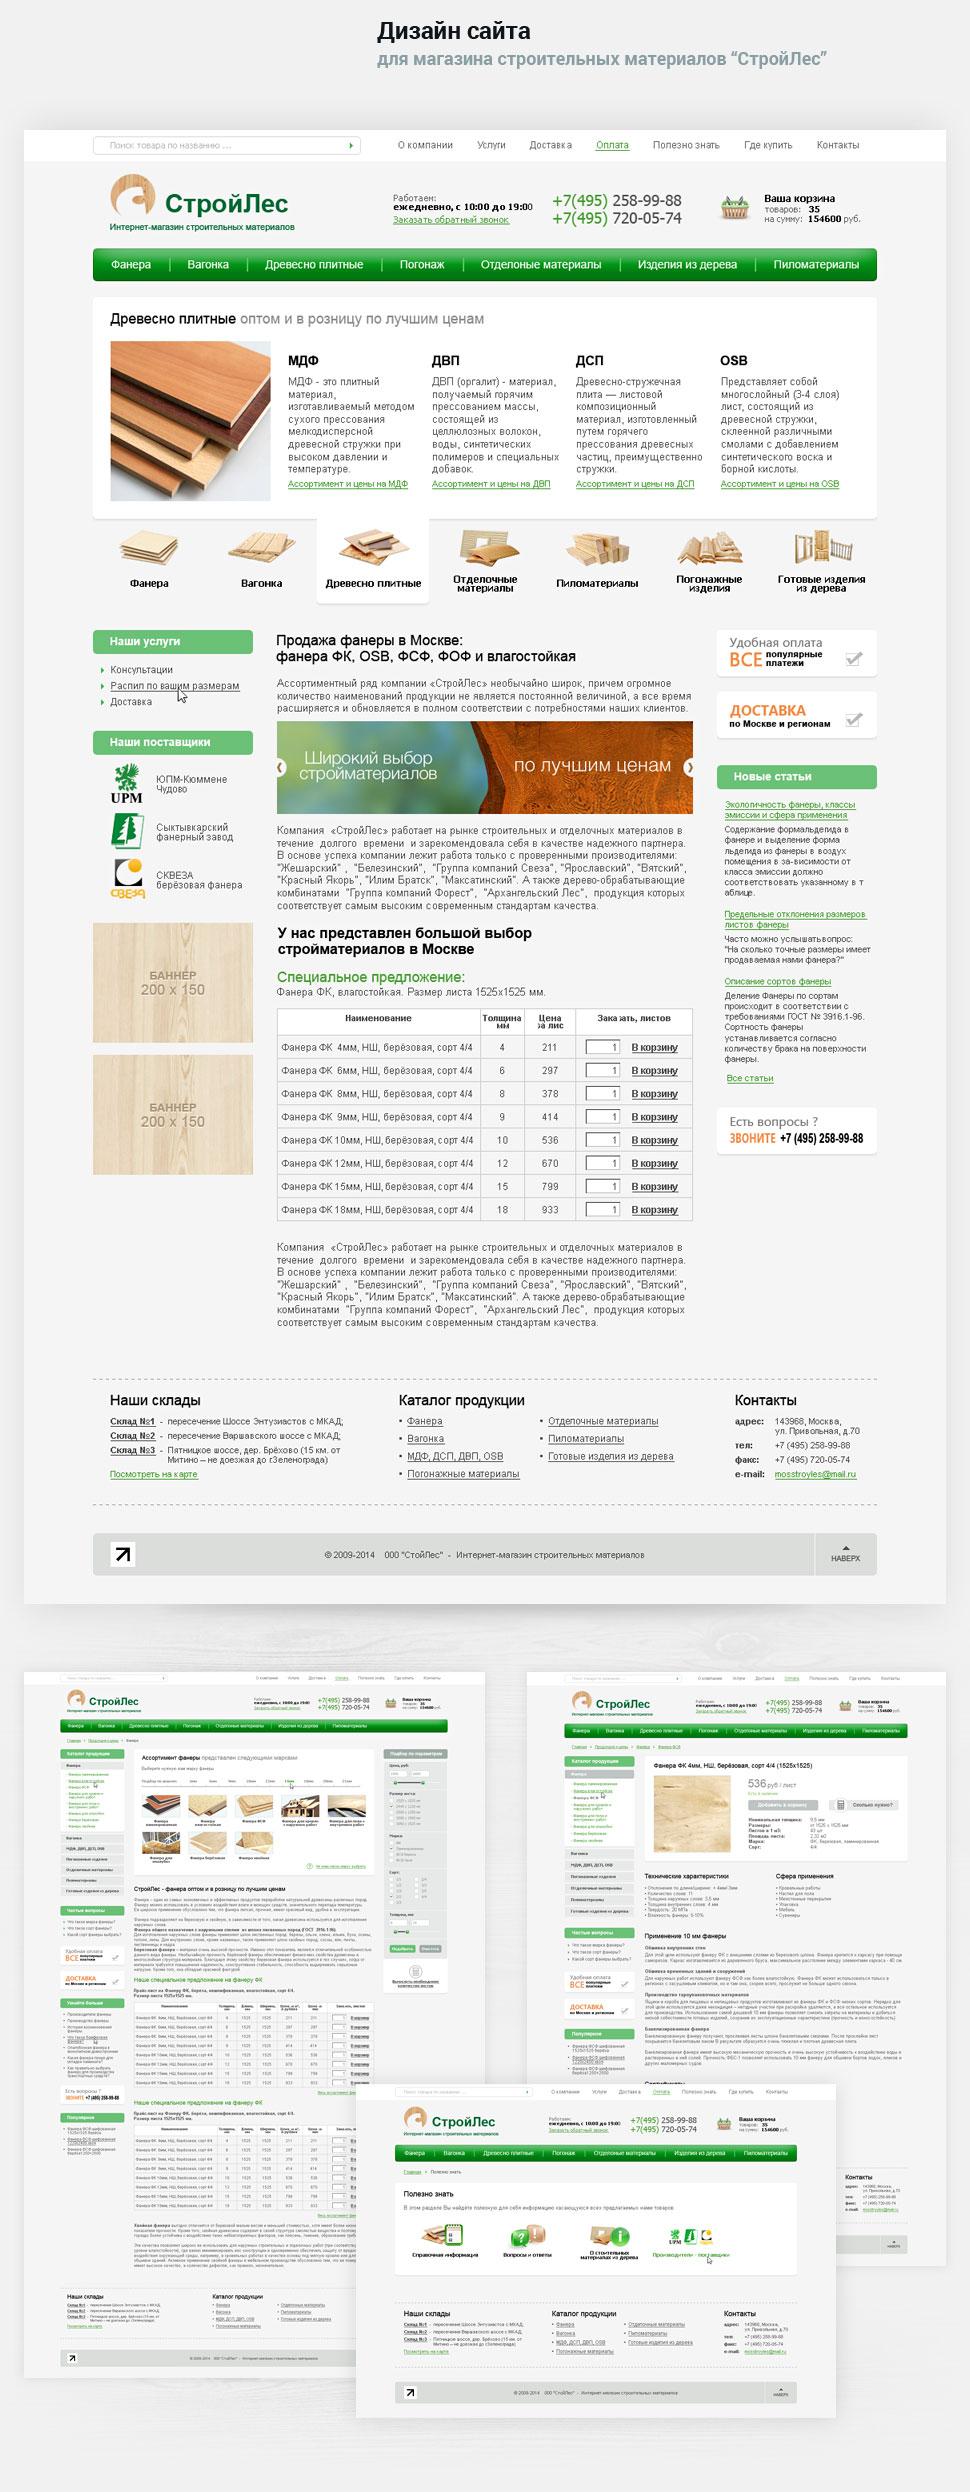 Дизайн сайта: Интернет-магазин строительных материалов ООО «СтройЛес». Автор: di56.ru - дизайнер Дмитрий Ковалёв.